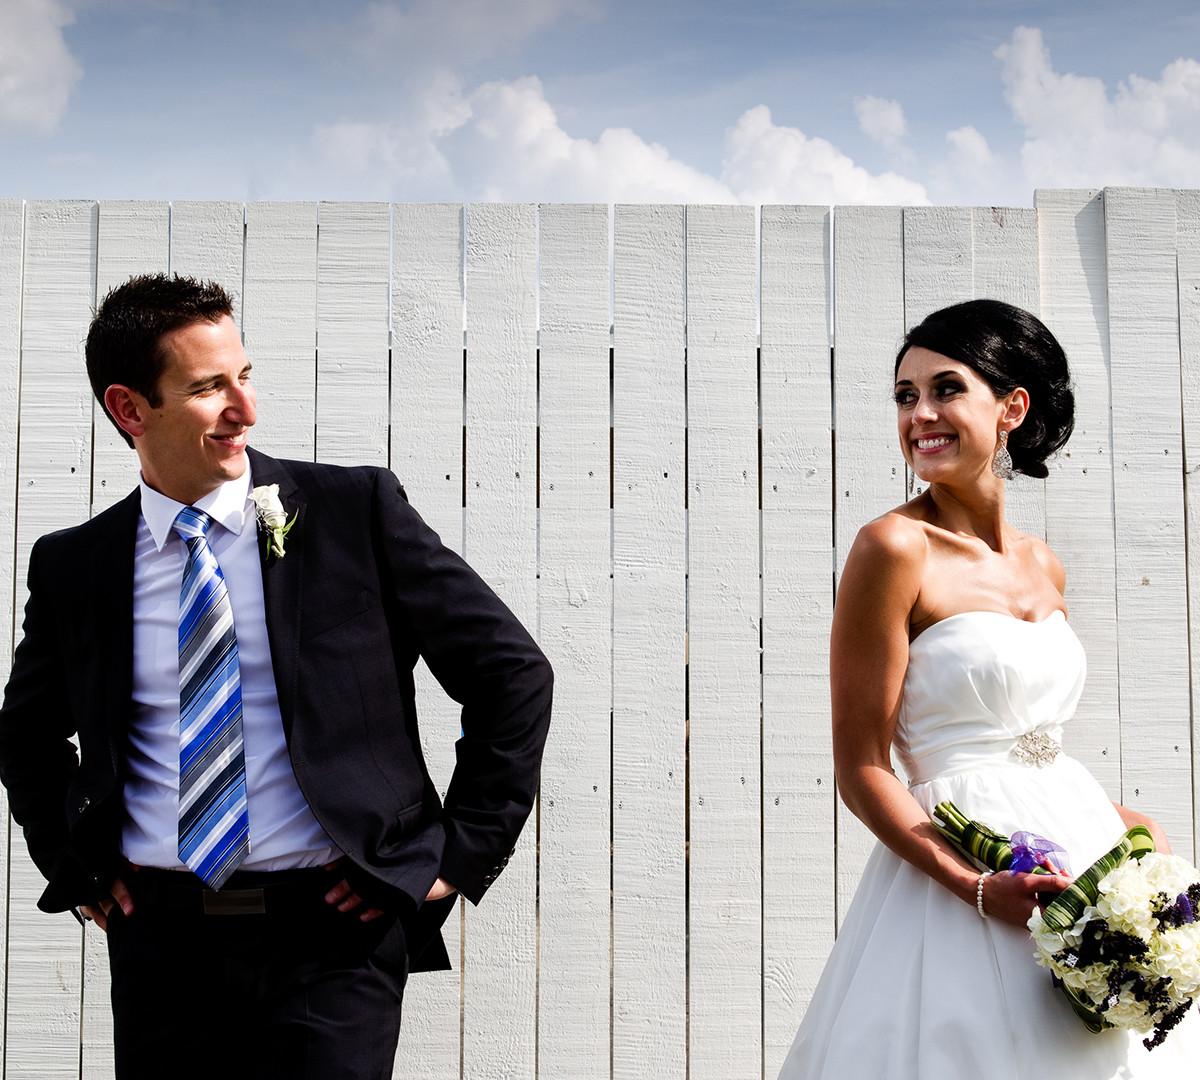 Photographe de mariage. Gatineau, Ottawa, Montréal. © Sébastien Lavallée